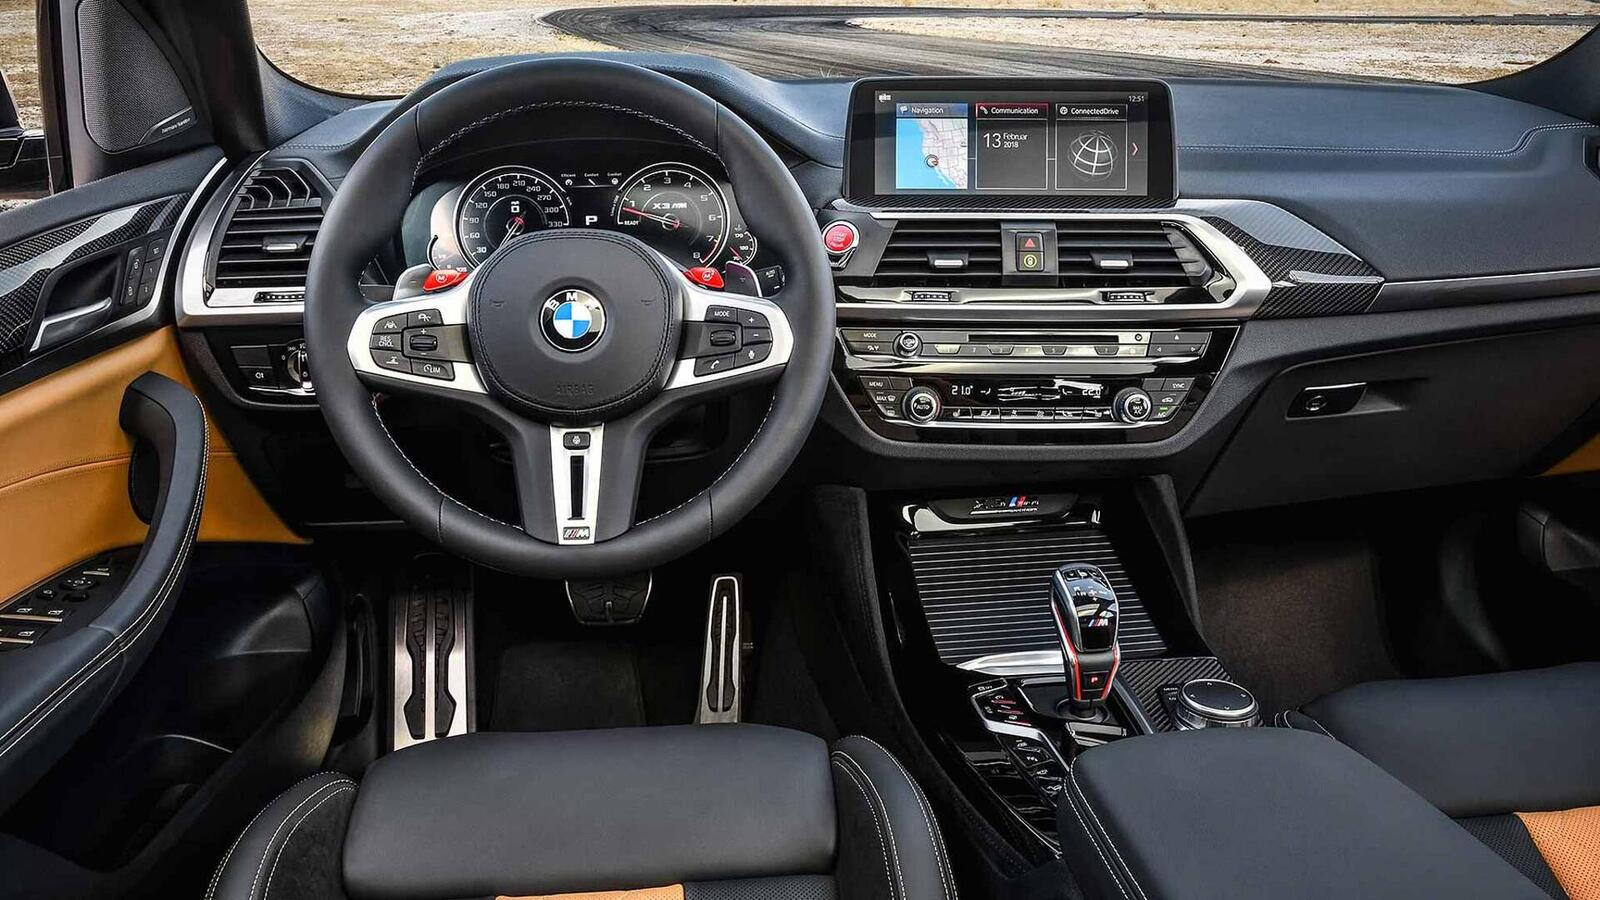 BMW X3 M và X4 M 2020 chính thức ra mắt: Mang trong mình sức mạnh từ 473 - 503 mã lực - Hình 13